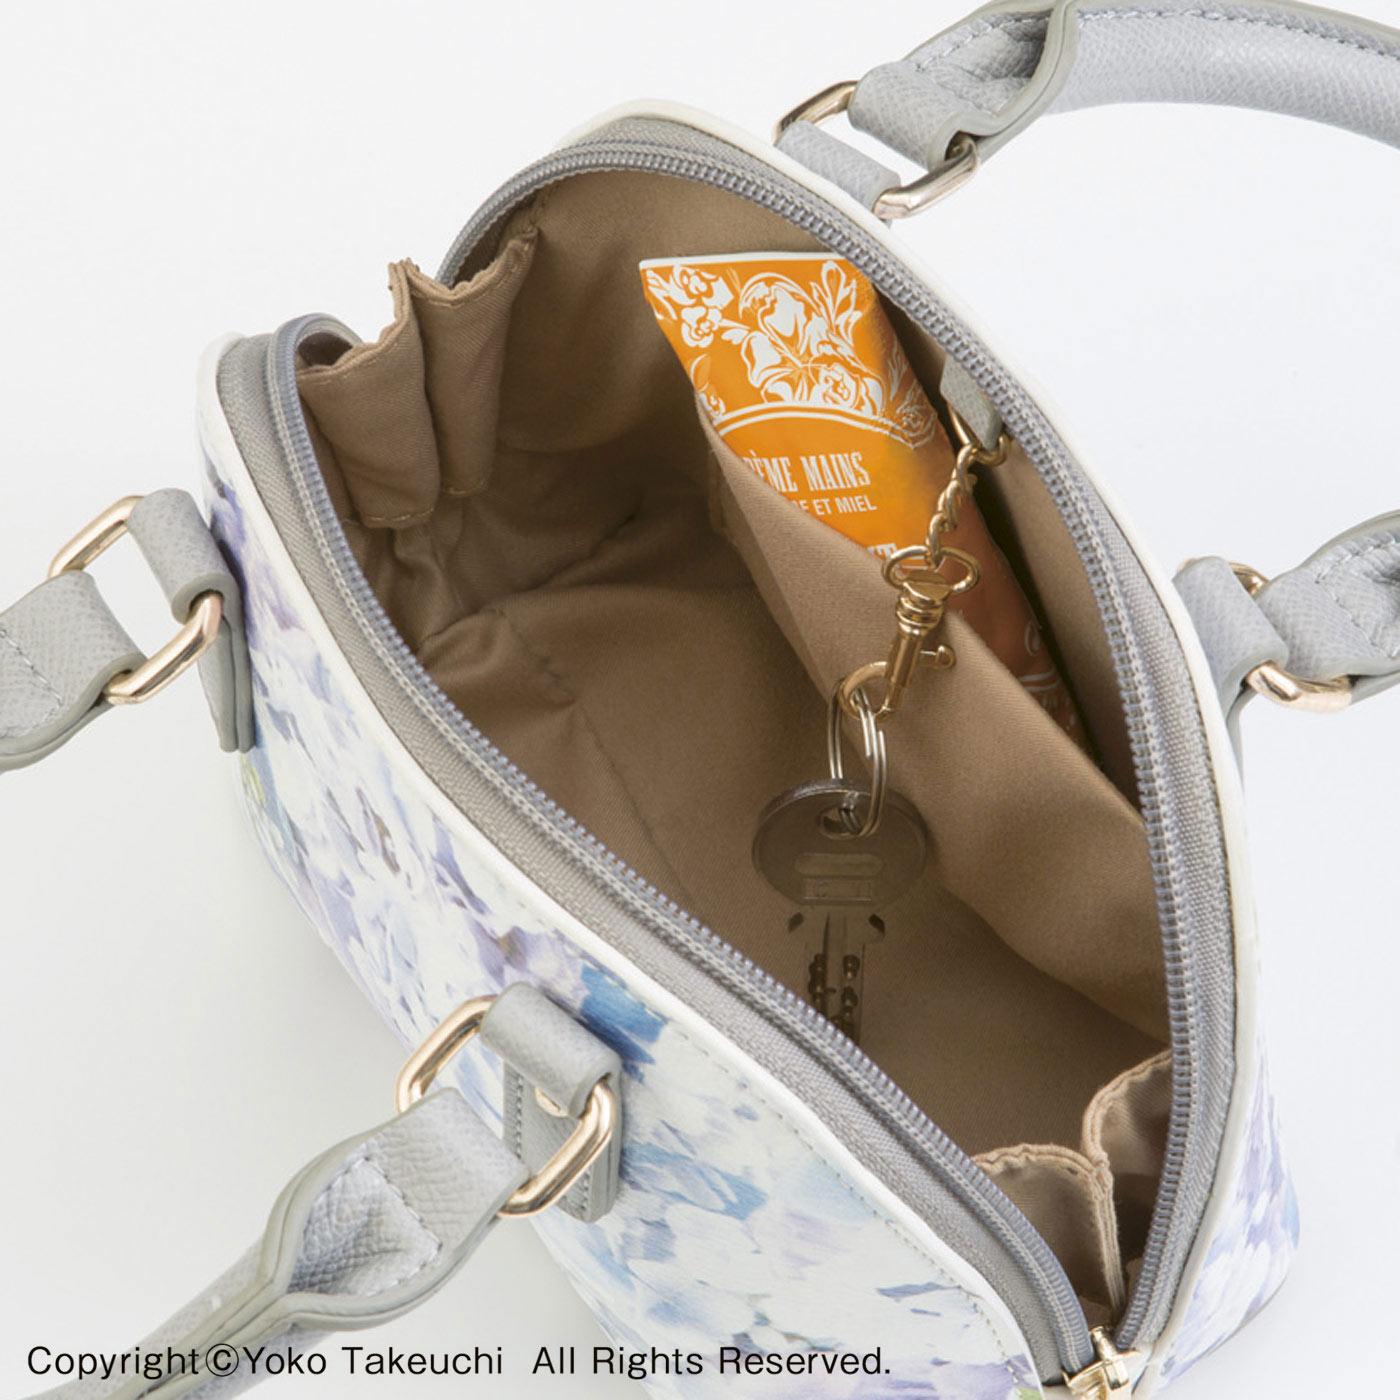 ふたつ折り財布やスマートフォンもすっきり。内ポケットやキーチェーン付きなのも便利。